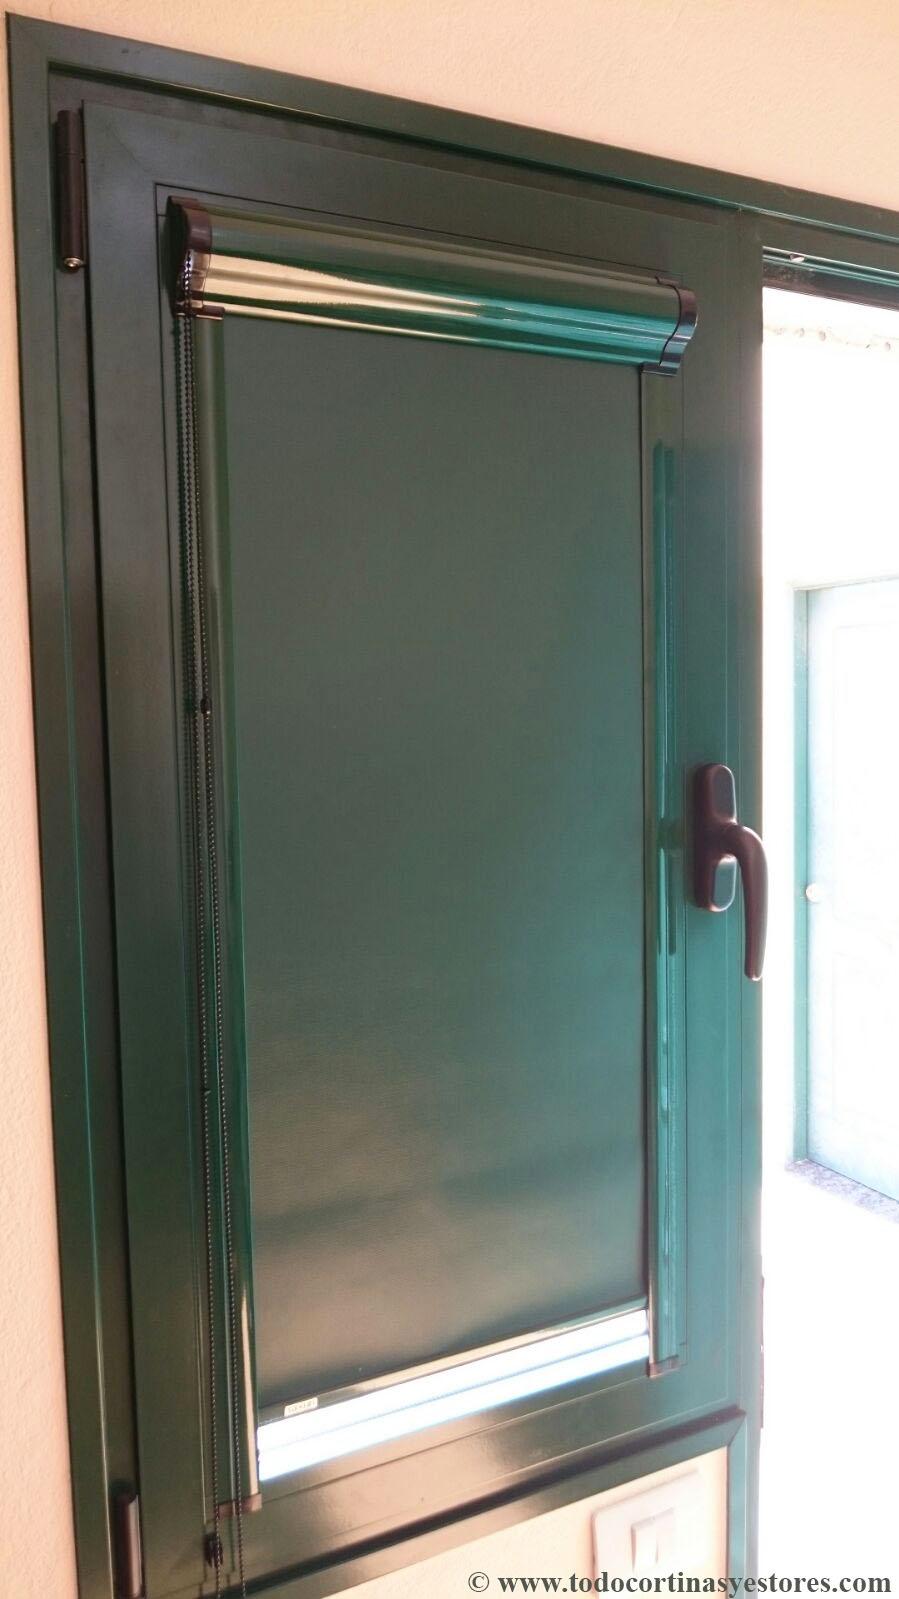 Decoracion interior cortinas verticales estores enrollables puertas plegables toldos - Cortinas para puertas de aluminio ...